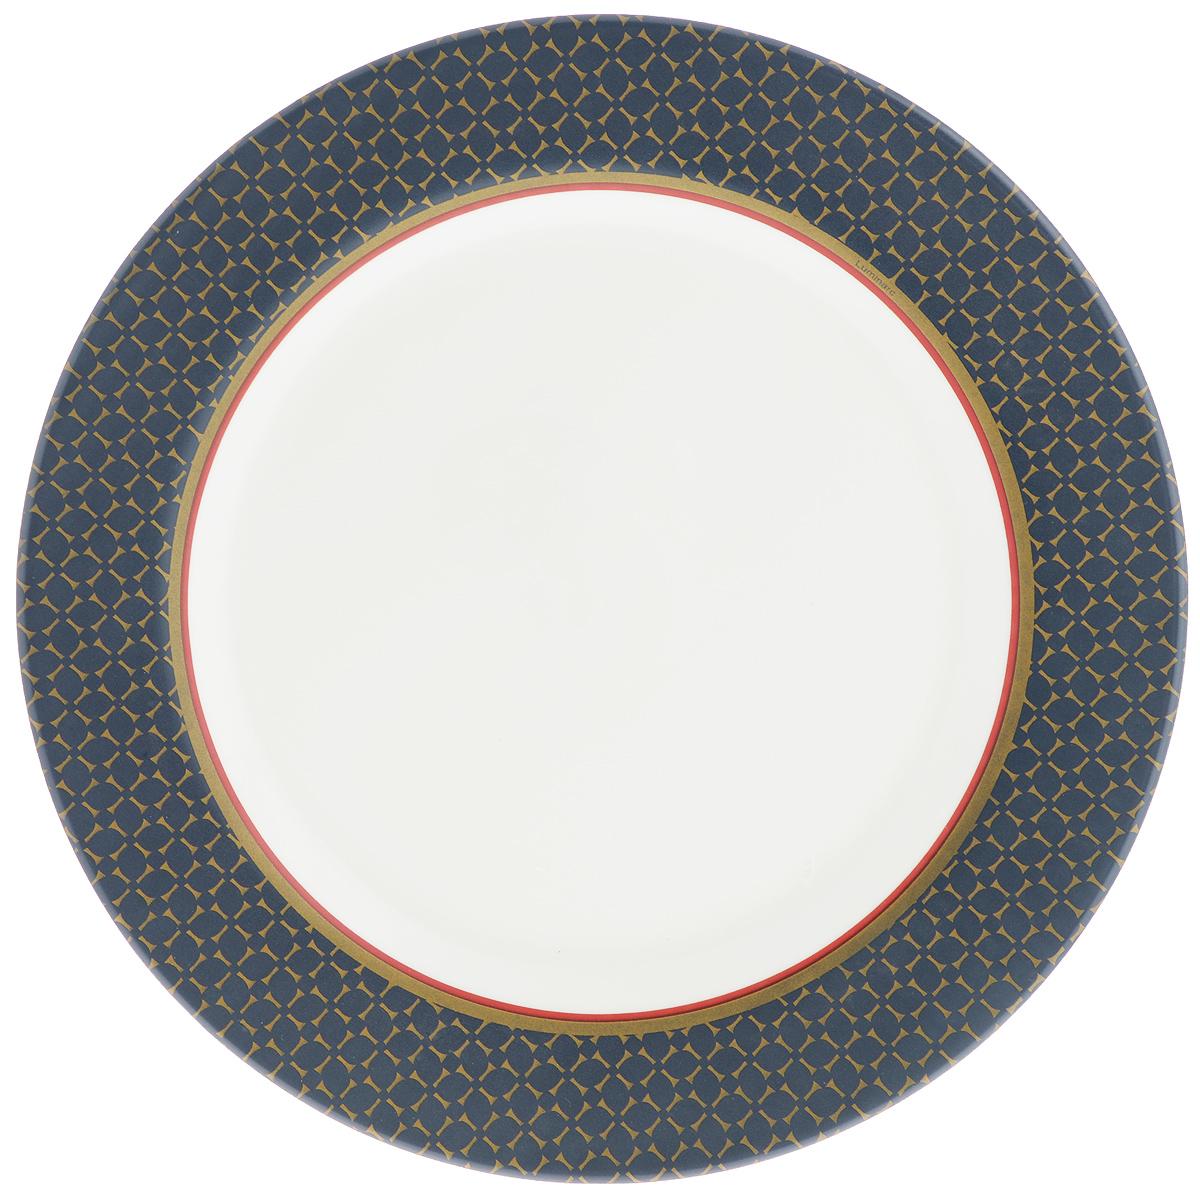 Тарелка обеденная Luminarc Alto Saphir, диаметр 27 смJ1749Обеденная тарелка Luminarc Alto Saphir, изготовленная из высококачественного стекла,имеет изысканный внешний вид. Такой дизайн придется по вкусу и ценителям классики,и тем, кто предпочитает утонченность. Тарелка Luminarc Alto Saphir идеально подойдет для сервировкистола и станет отличным подарком к любому празднику.